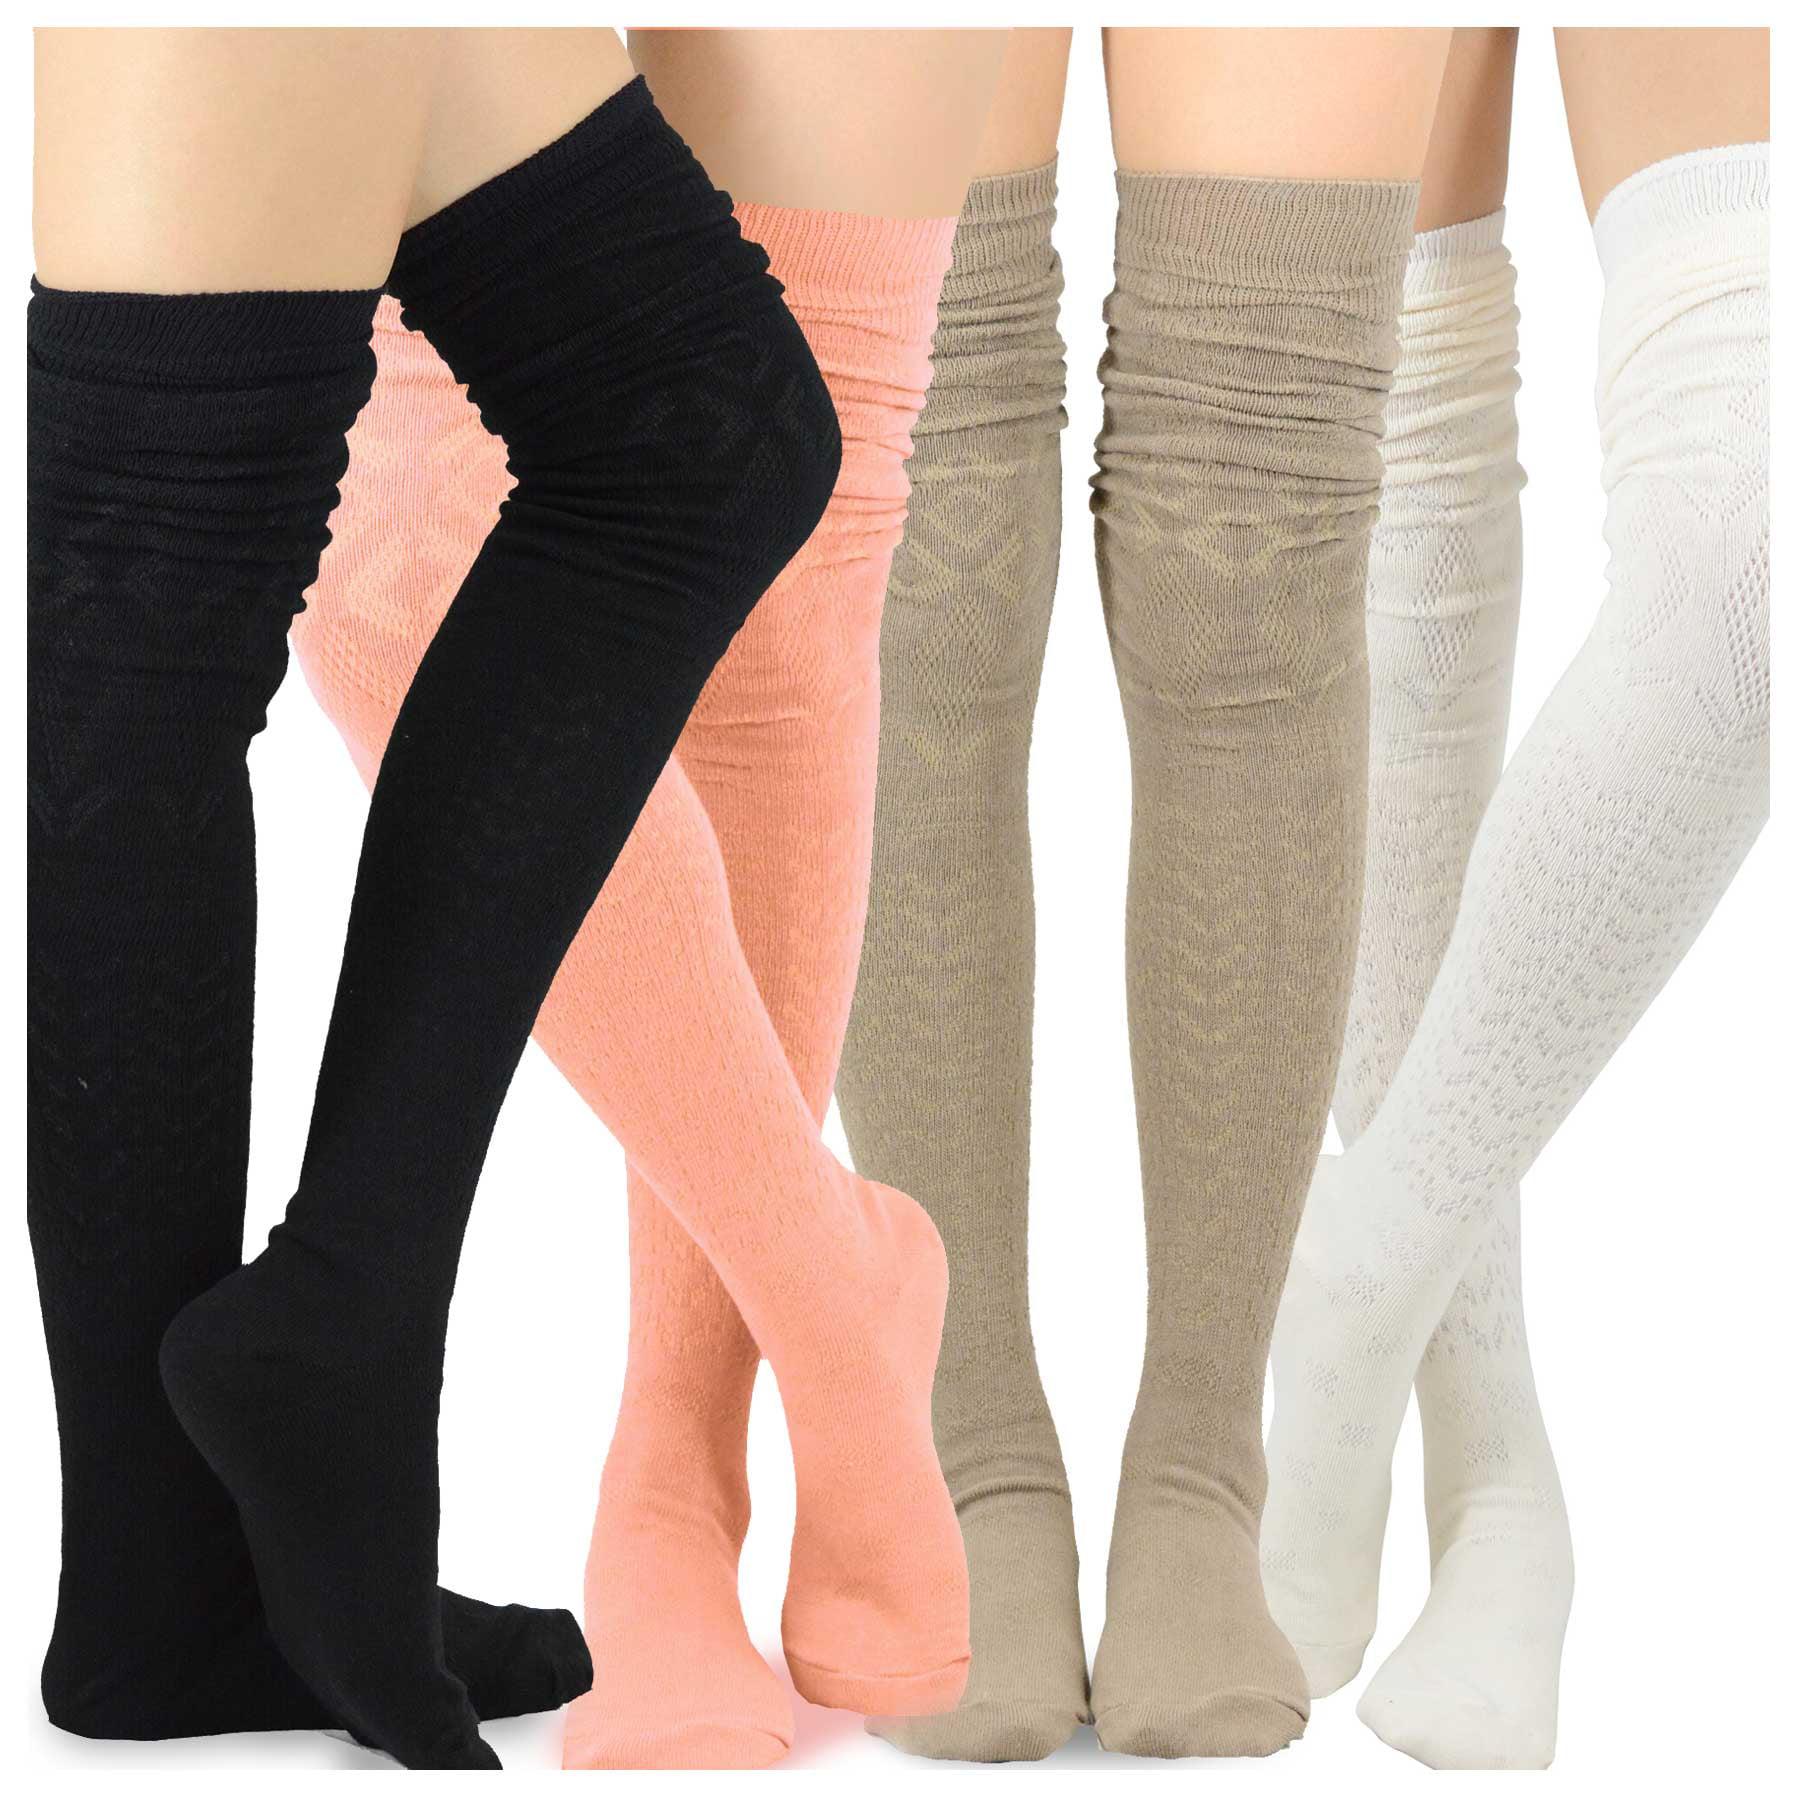 Over Knee High Socks Thigh Highs Hosiery /& Socks Long Knee Socks new 2018 New